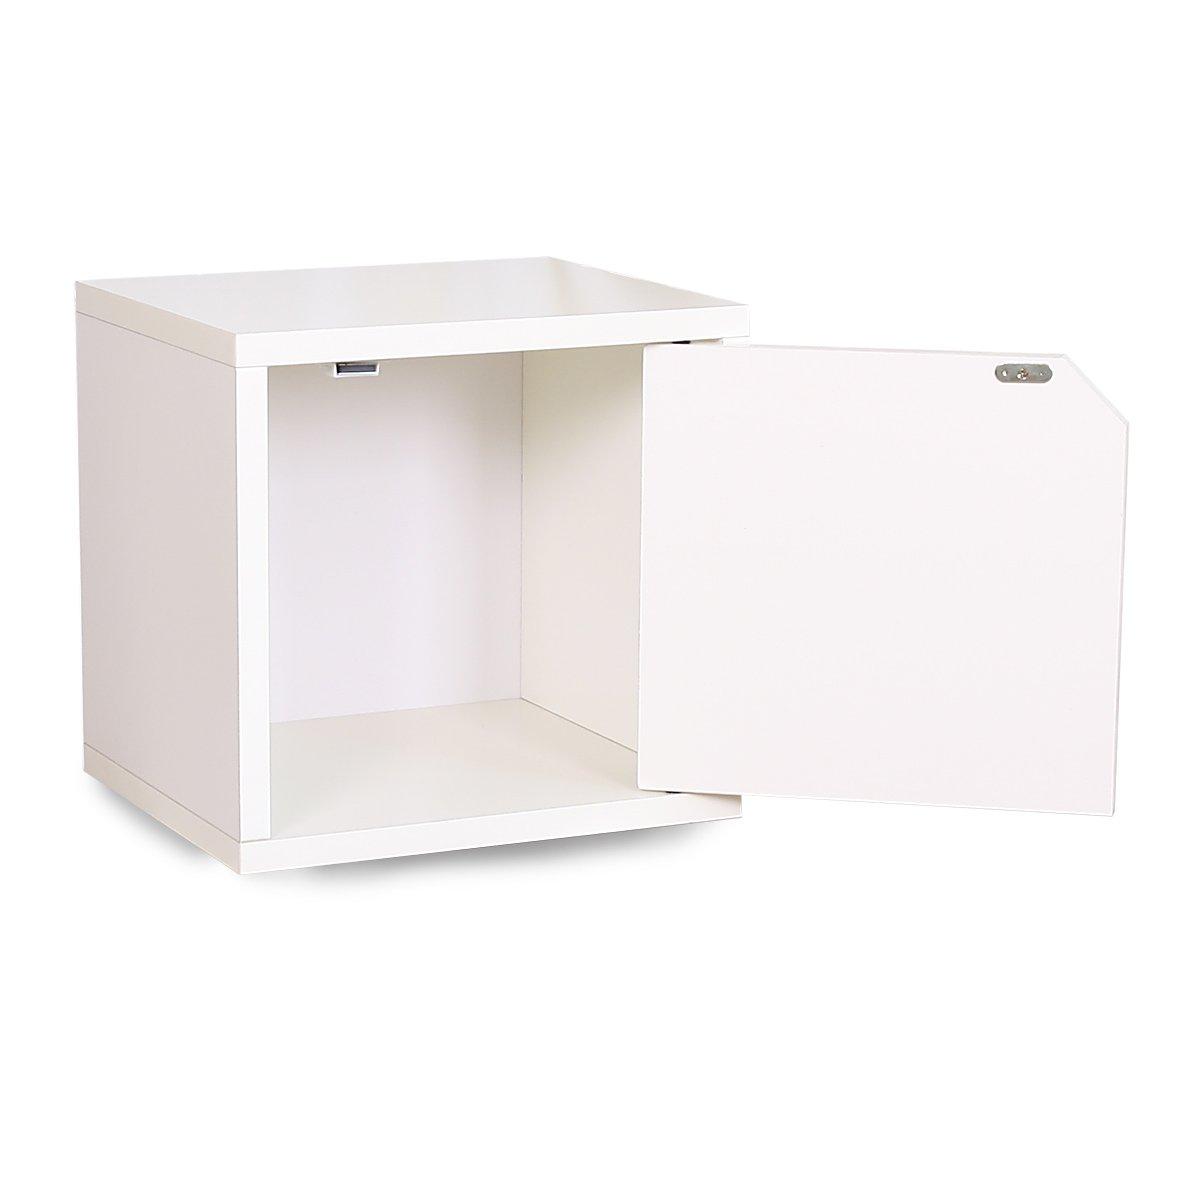 Mendler Modul Würfelregal Standregal M73, 33x34x29 Cm ~ Weiß, Mit Tür:  Amazon.de: Küche U0026 Haushalt